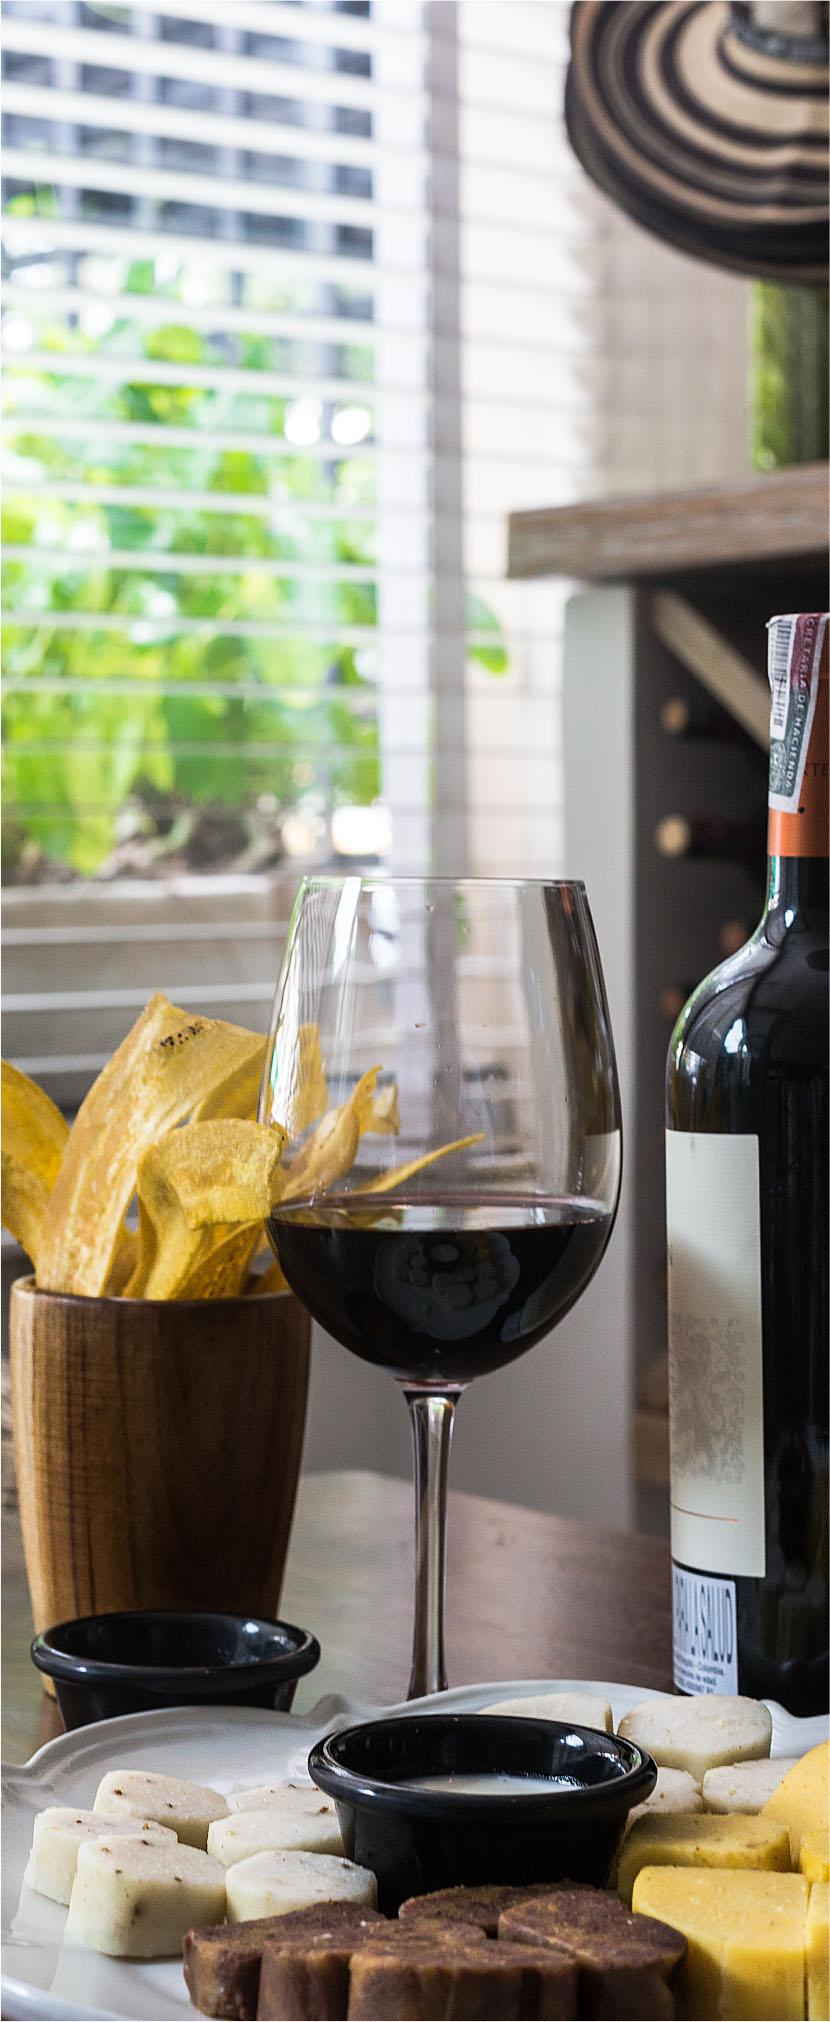 tajadas y vino